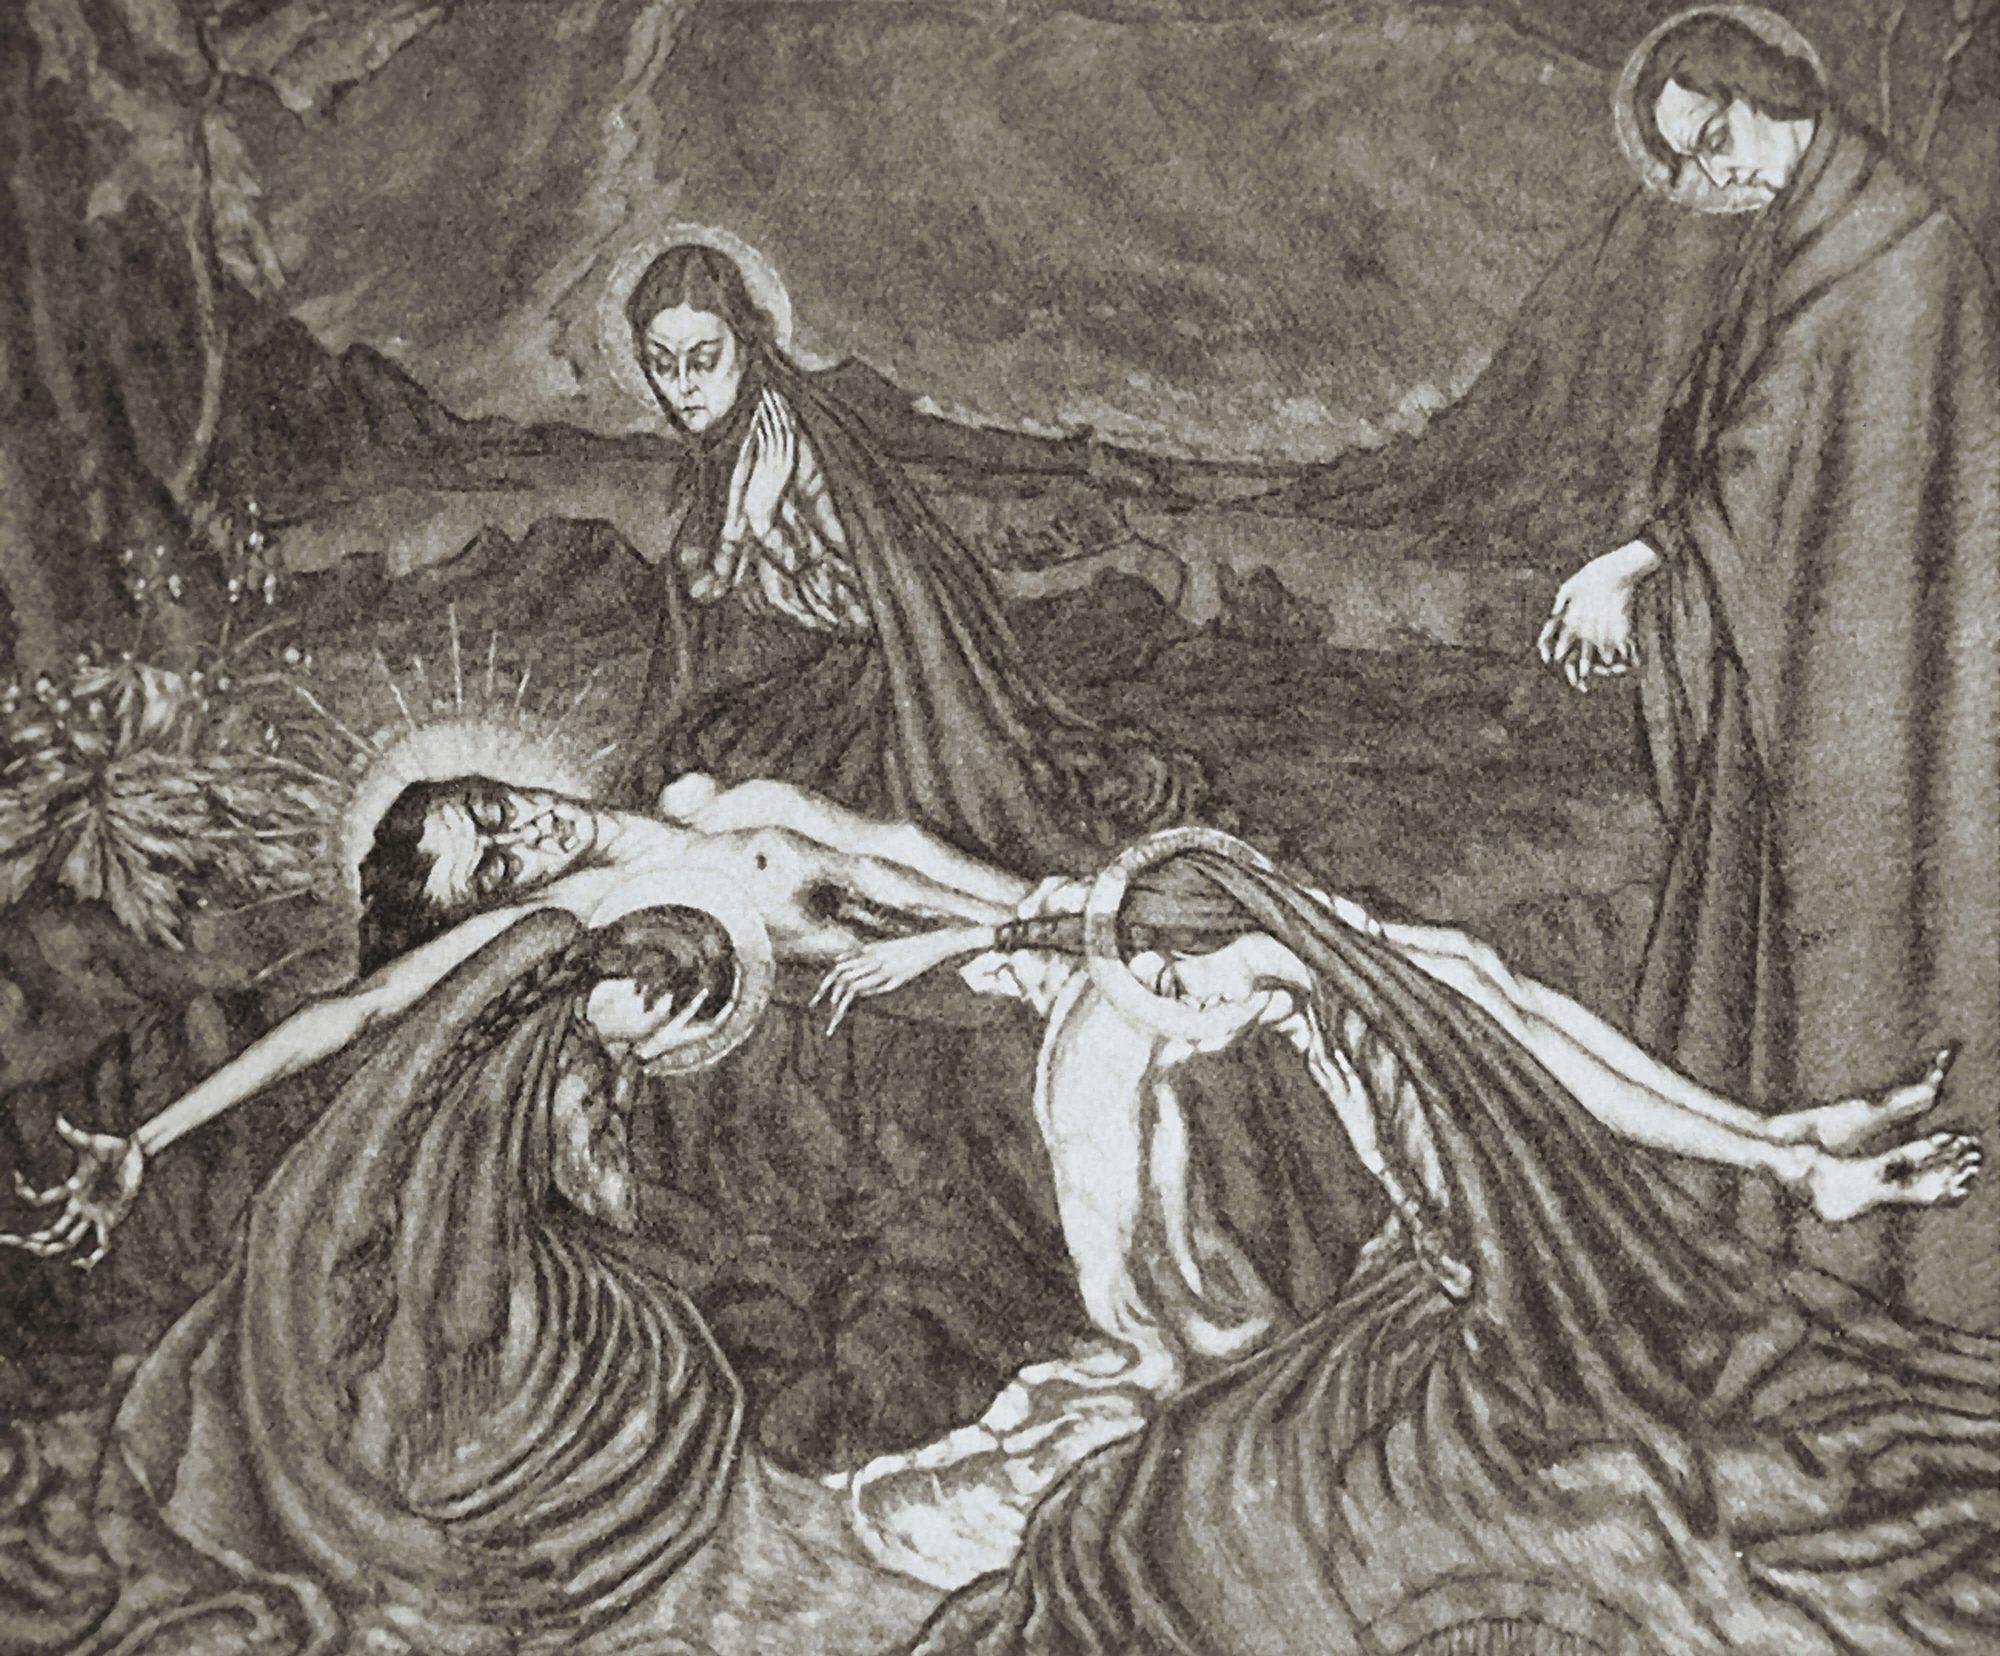 1919 Pieta